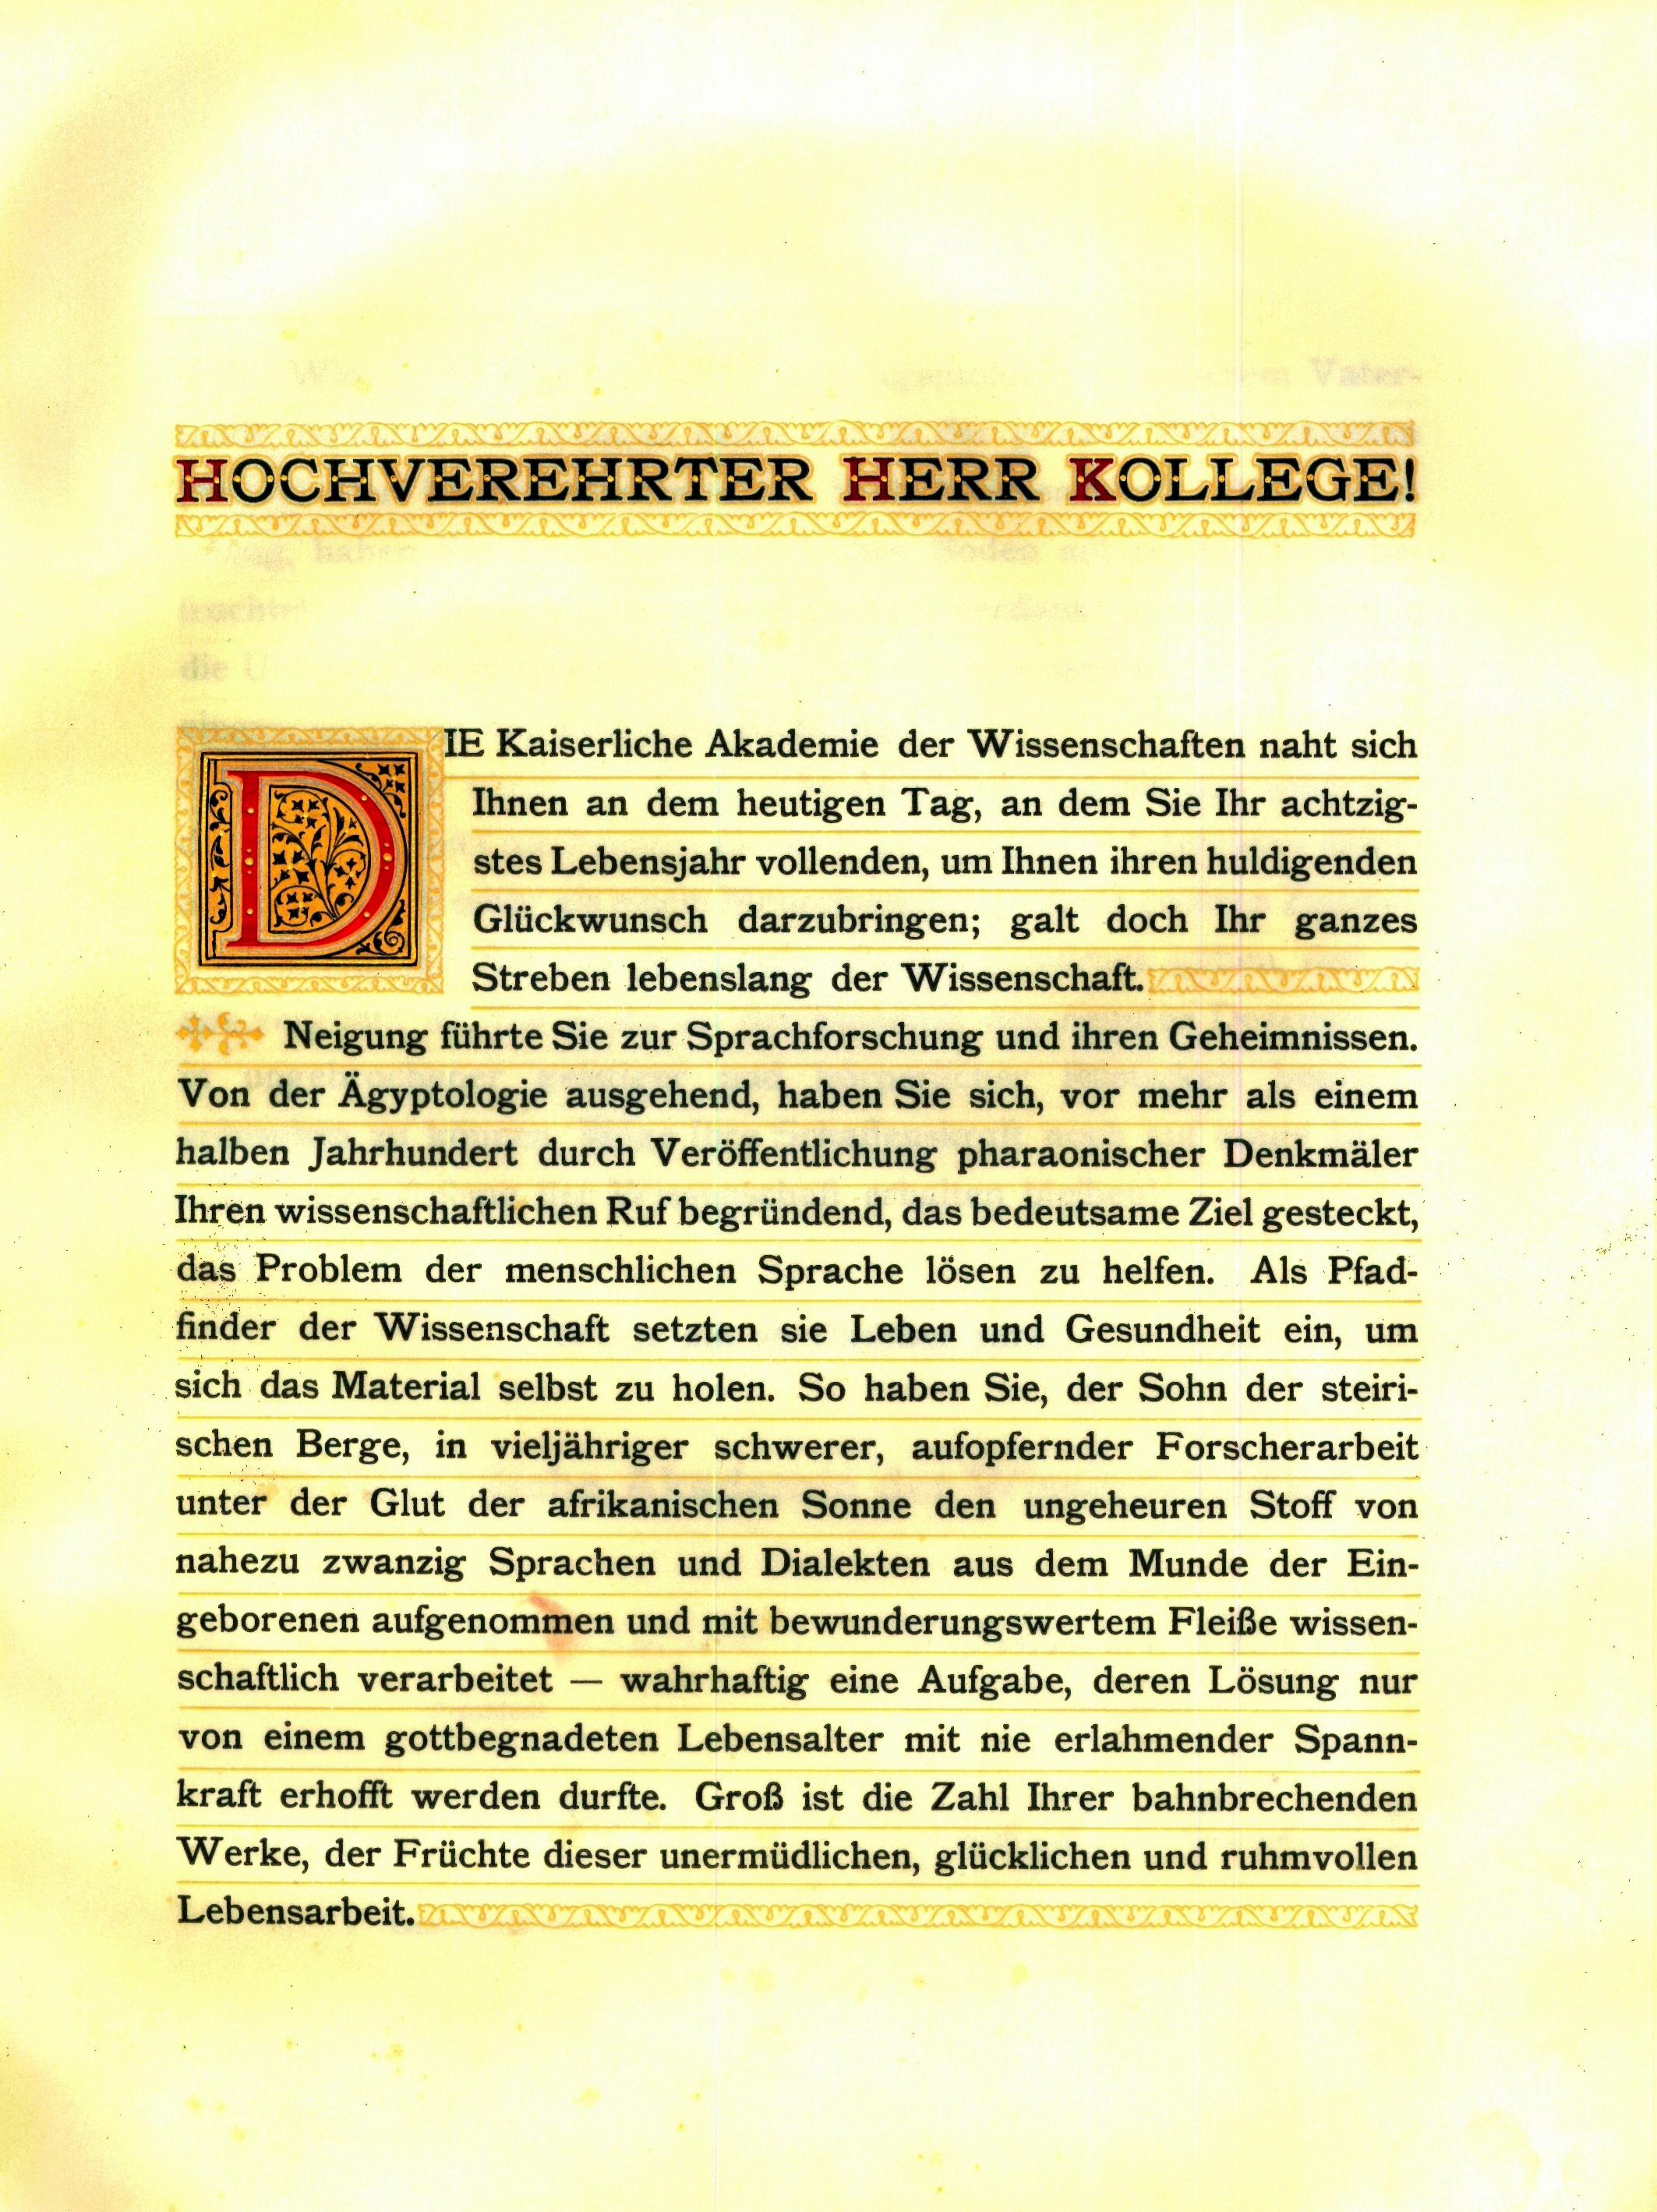 File:LSR Zum 80. Geburtstag, 1912, Seite 1